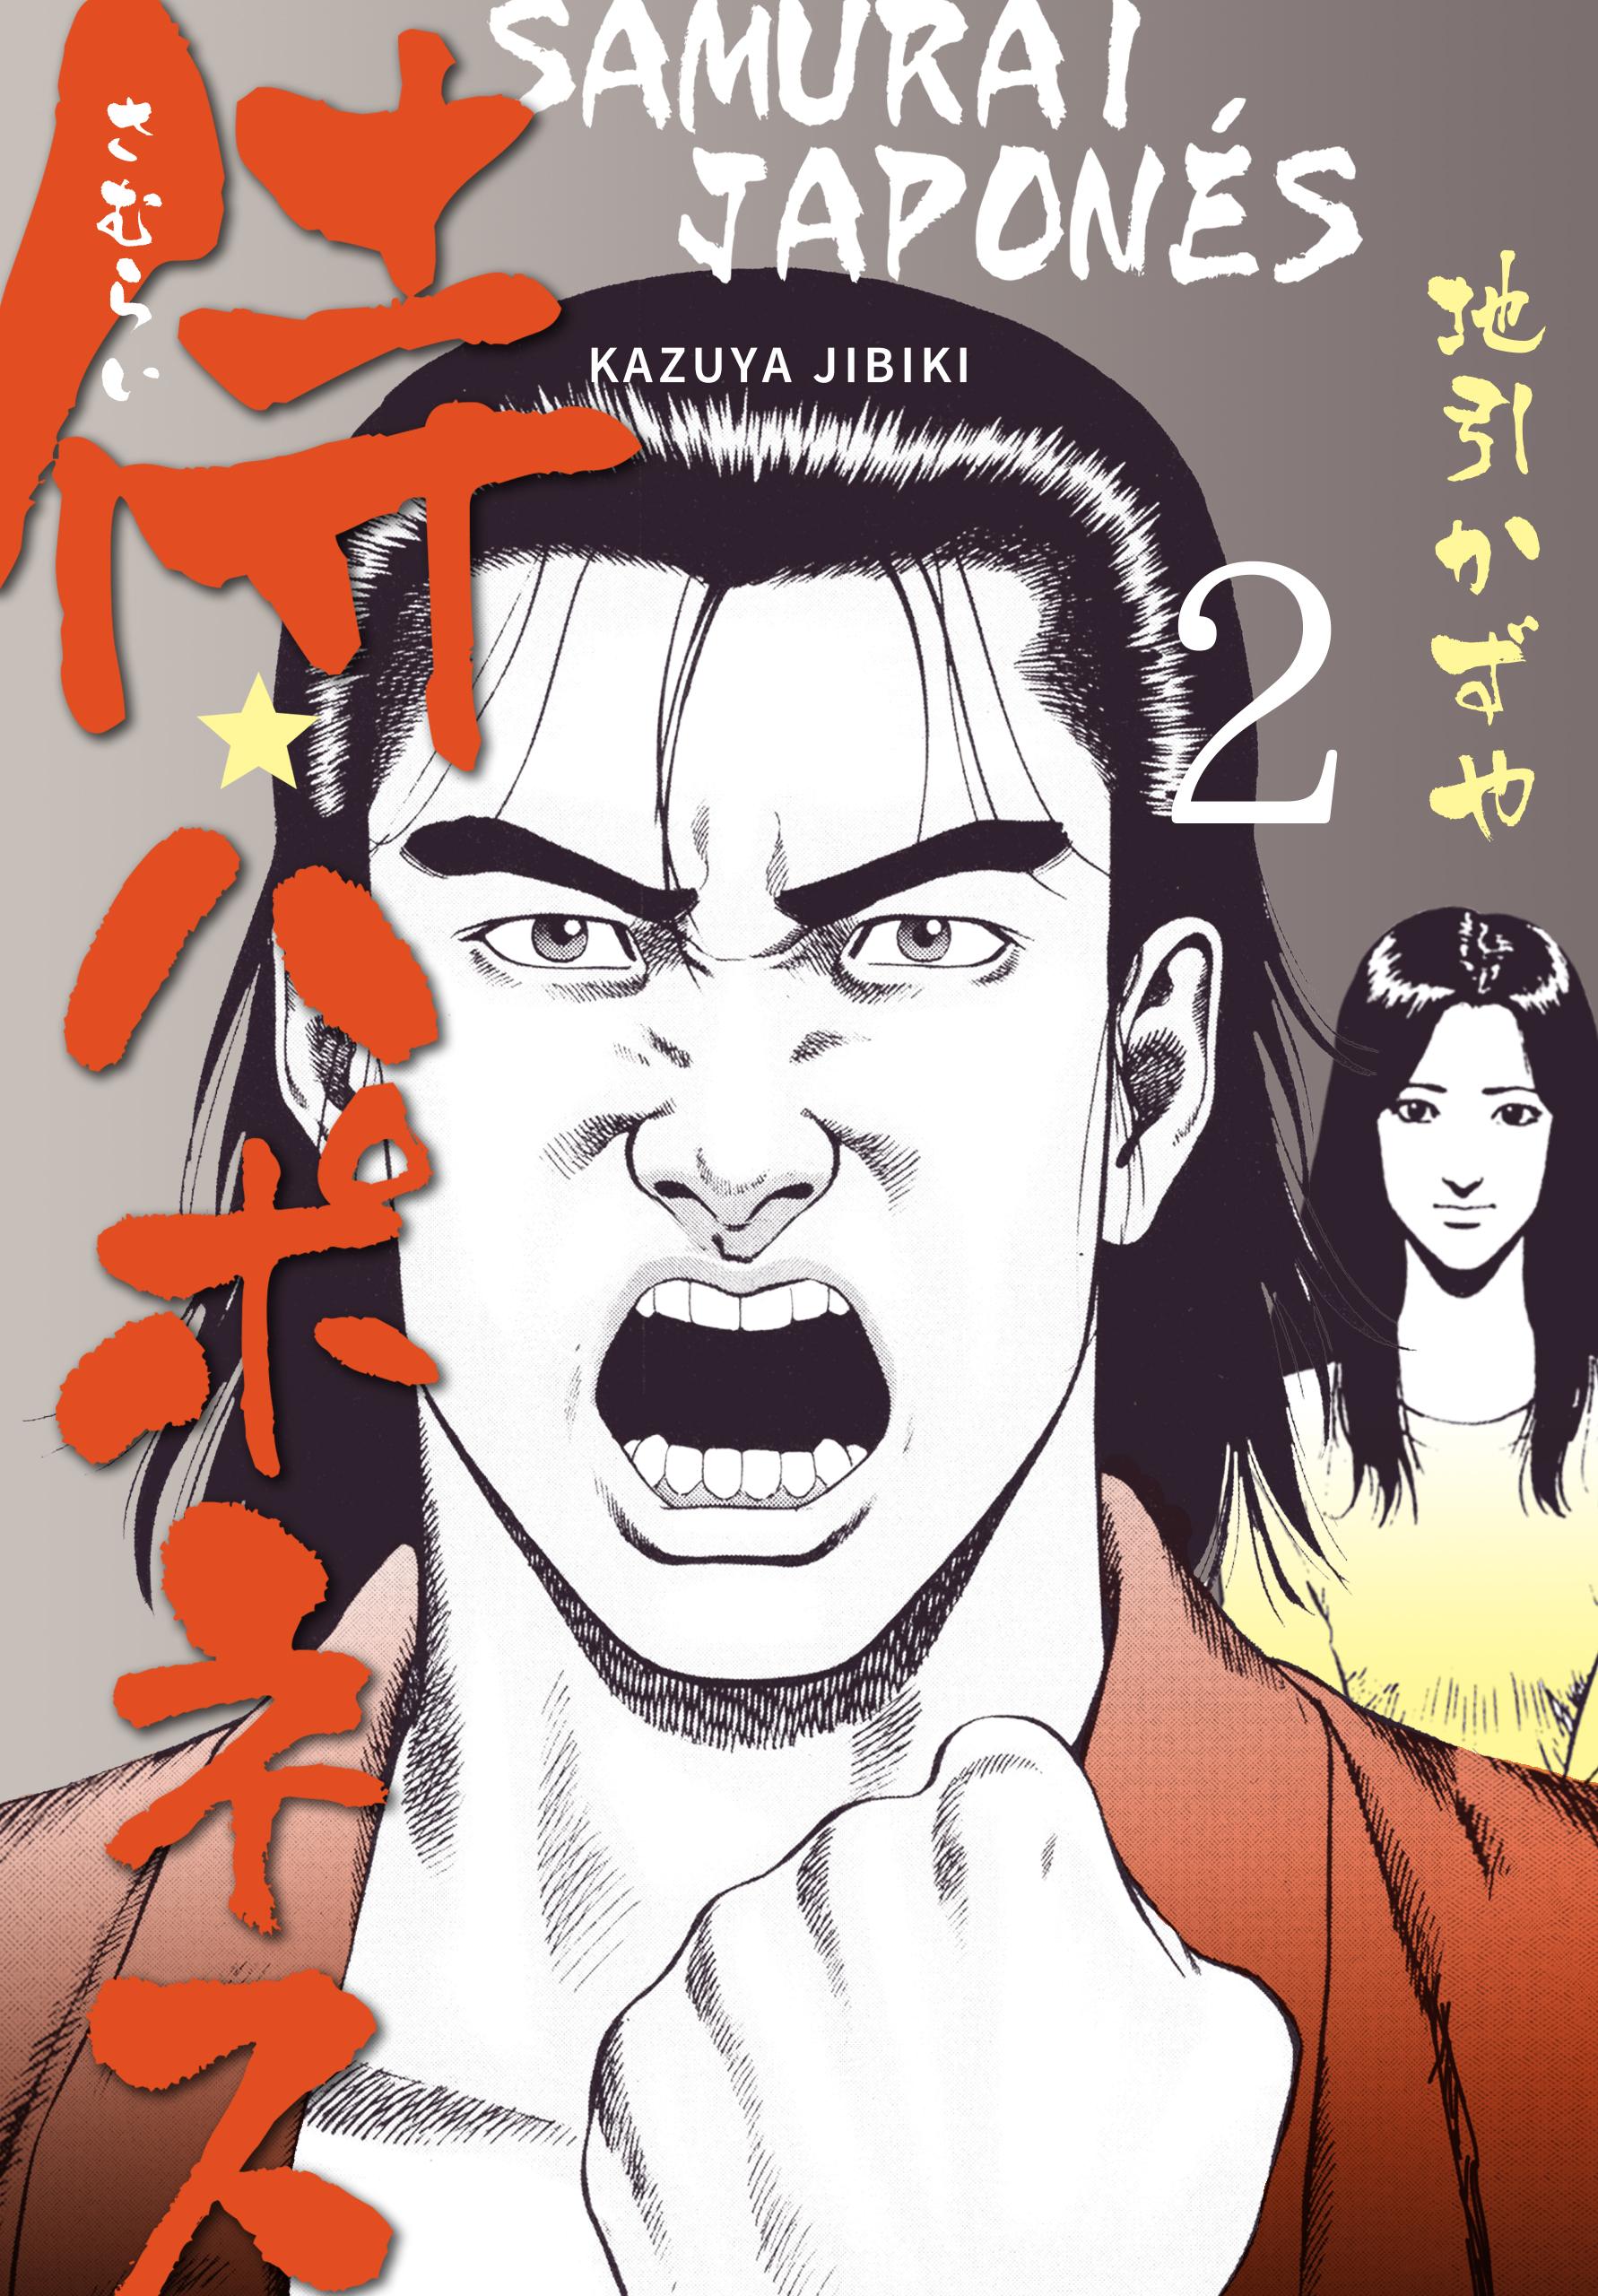 侍★ハポネス(第2巻)